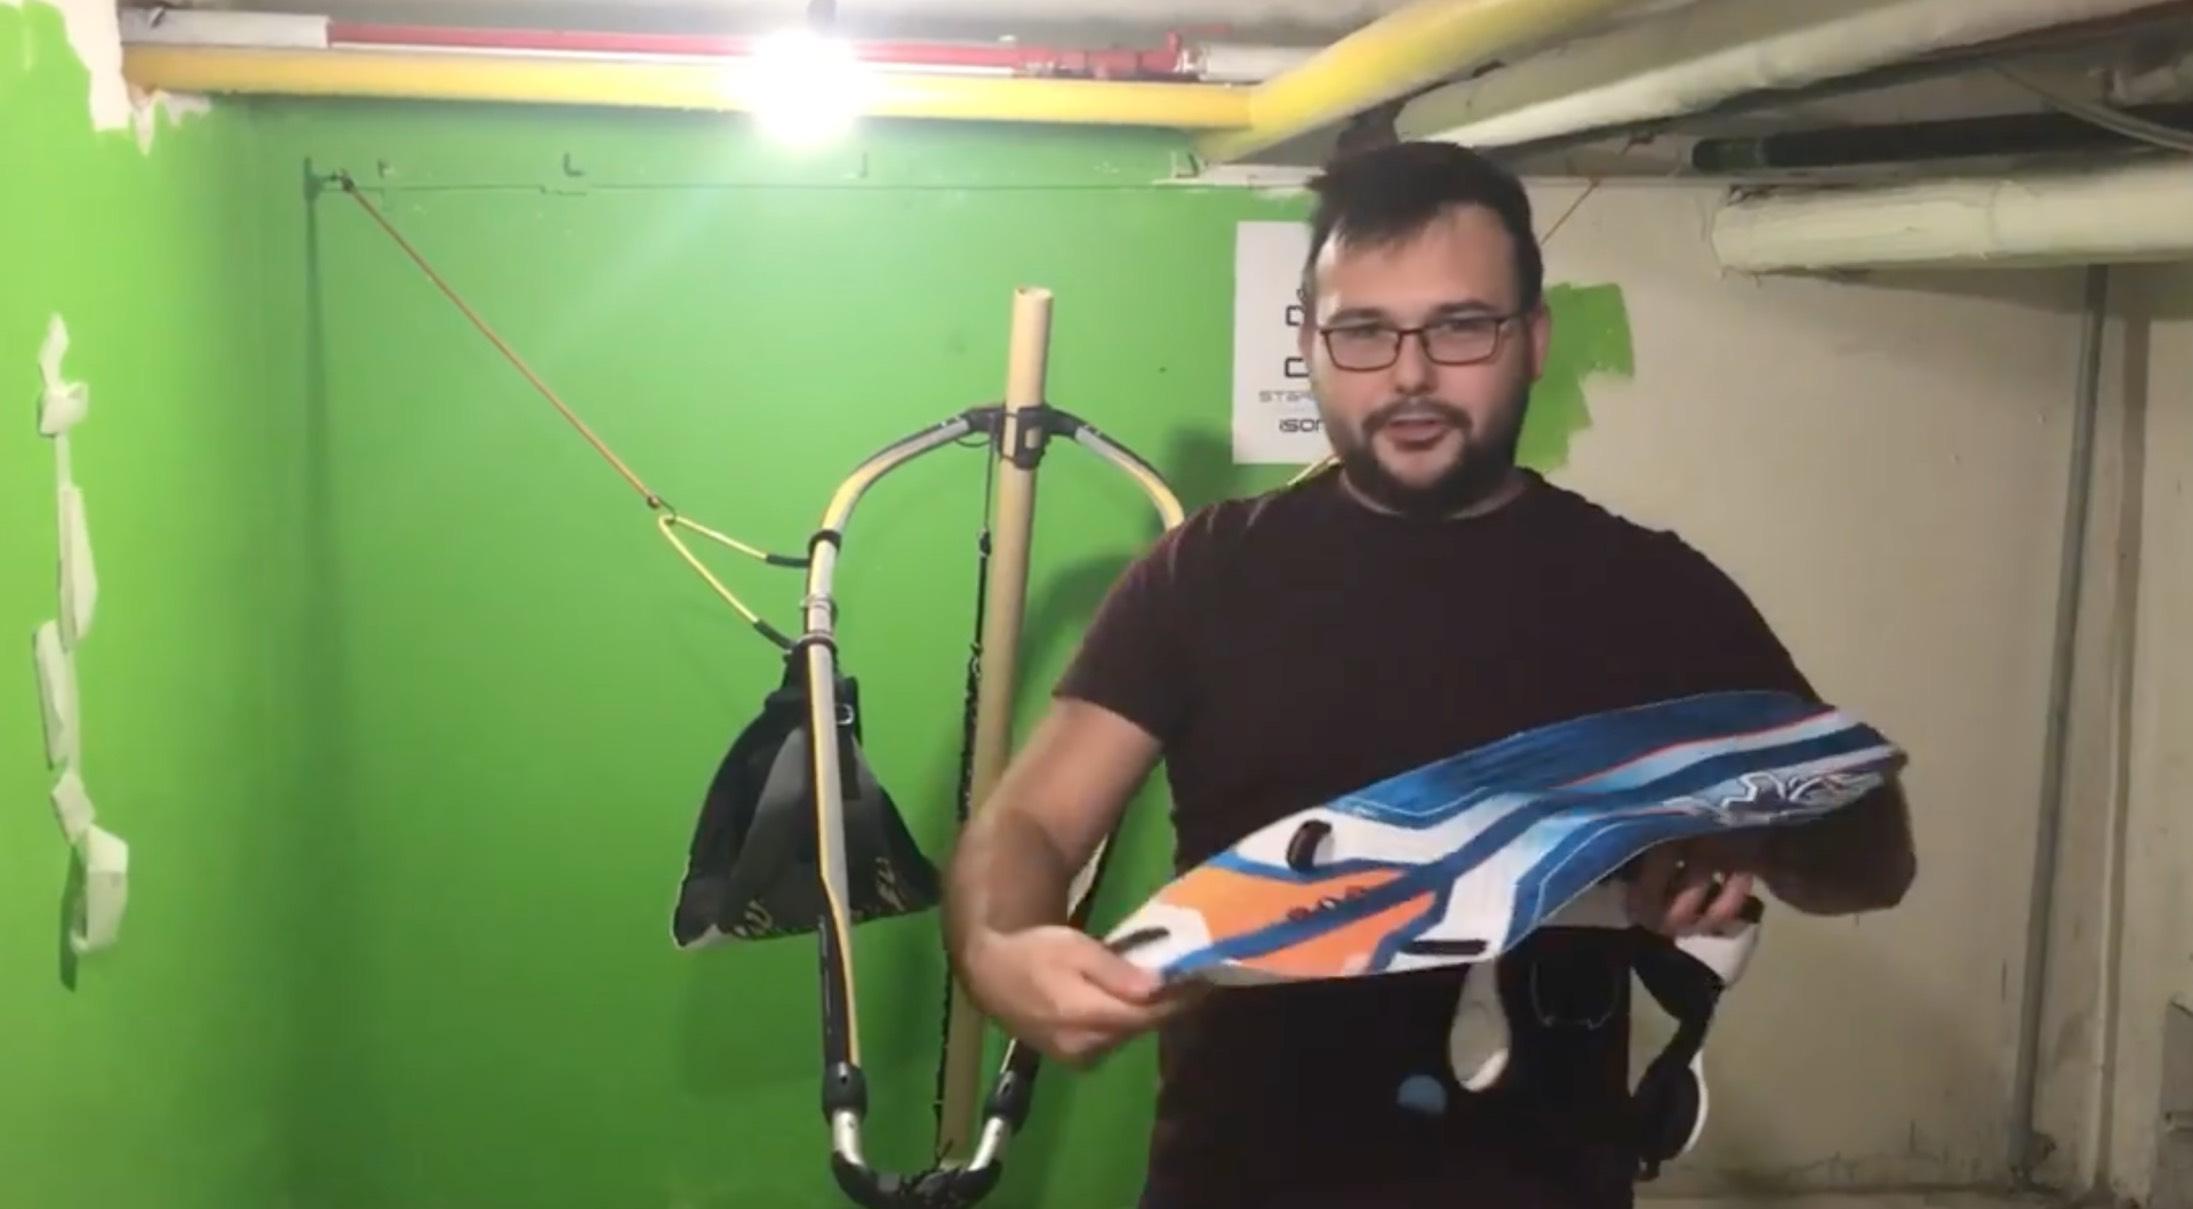 Winner Of A New iSonic - 3 - Windsurf